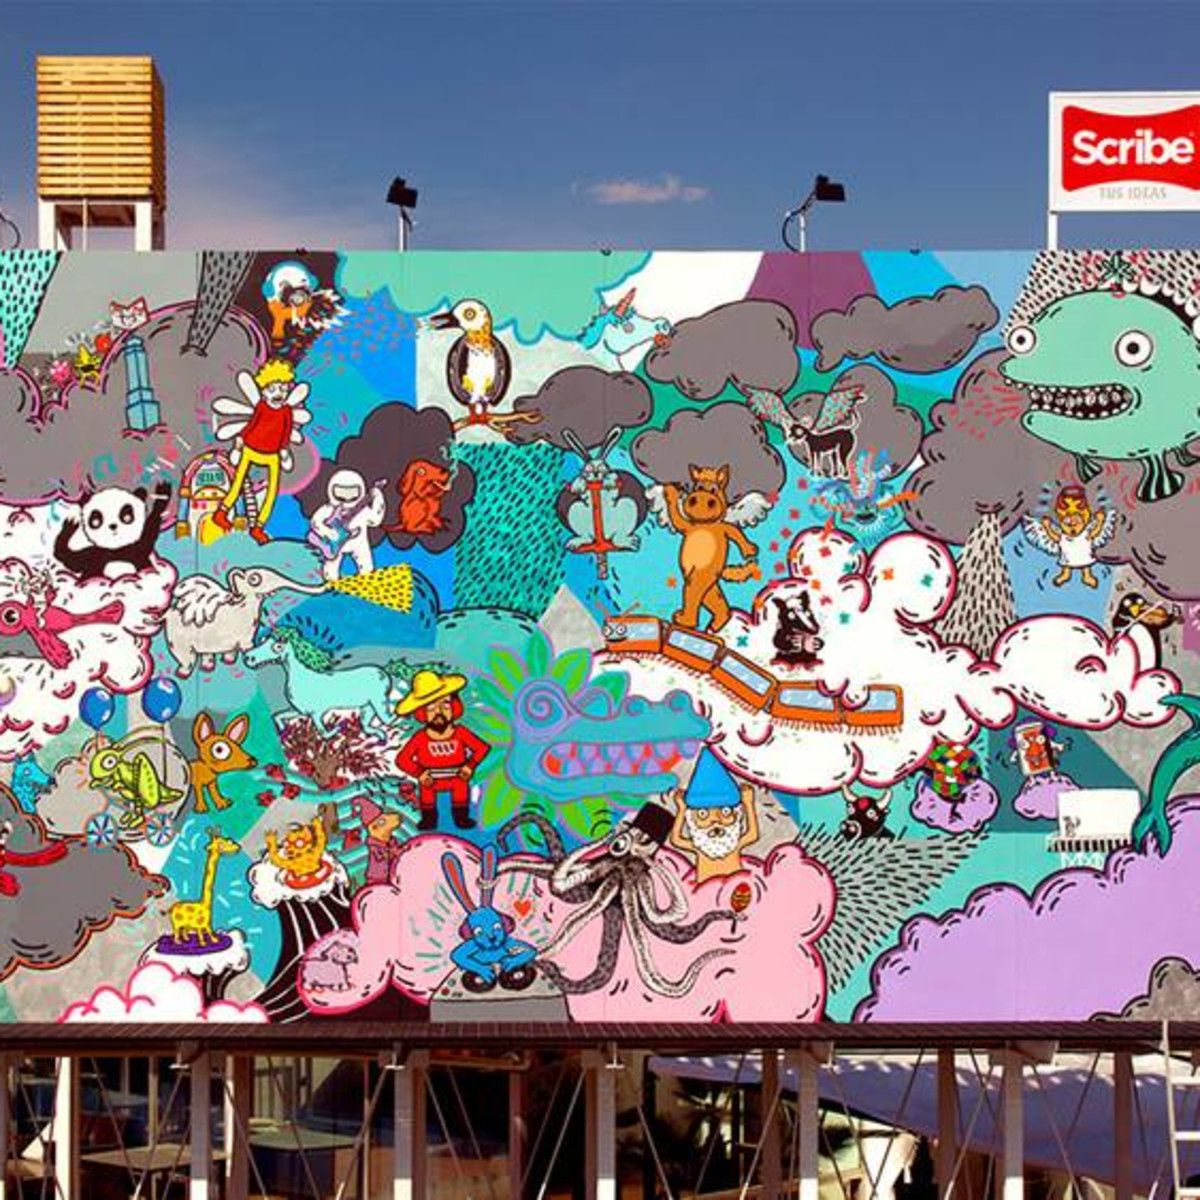 Cecilia Beaven HUE Mural Festival